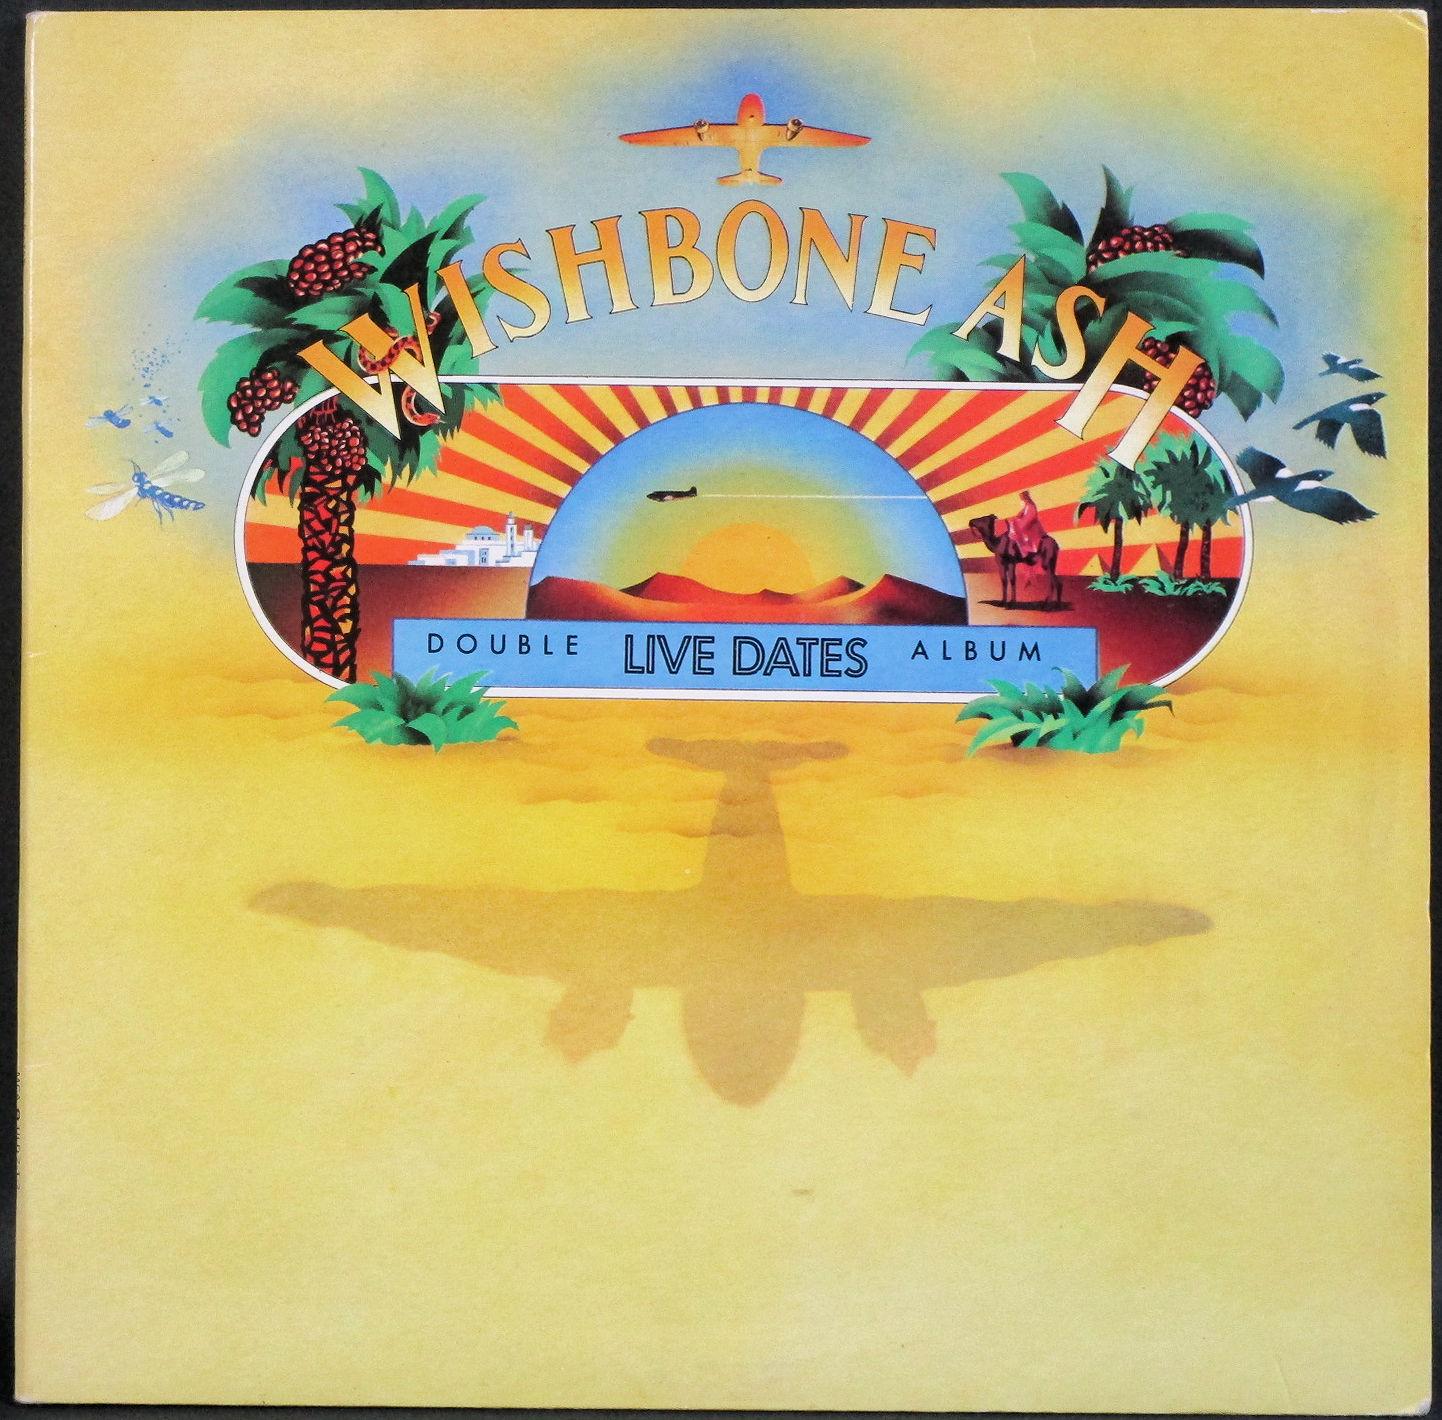 Wishbone Ash ウィッシュボーン・アッシュ / Live Dates ライブ・デイト